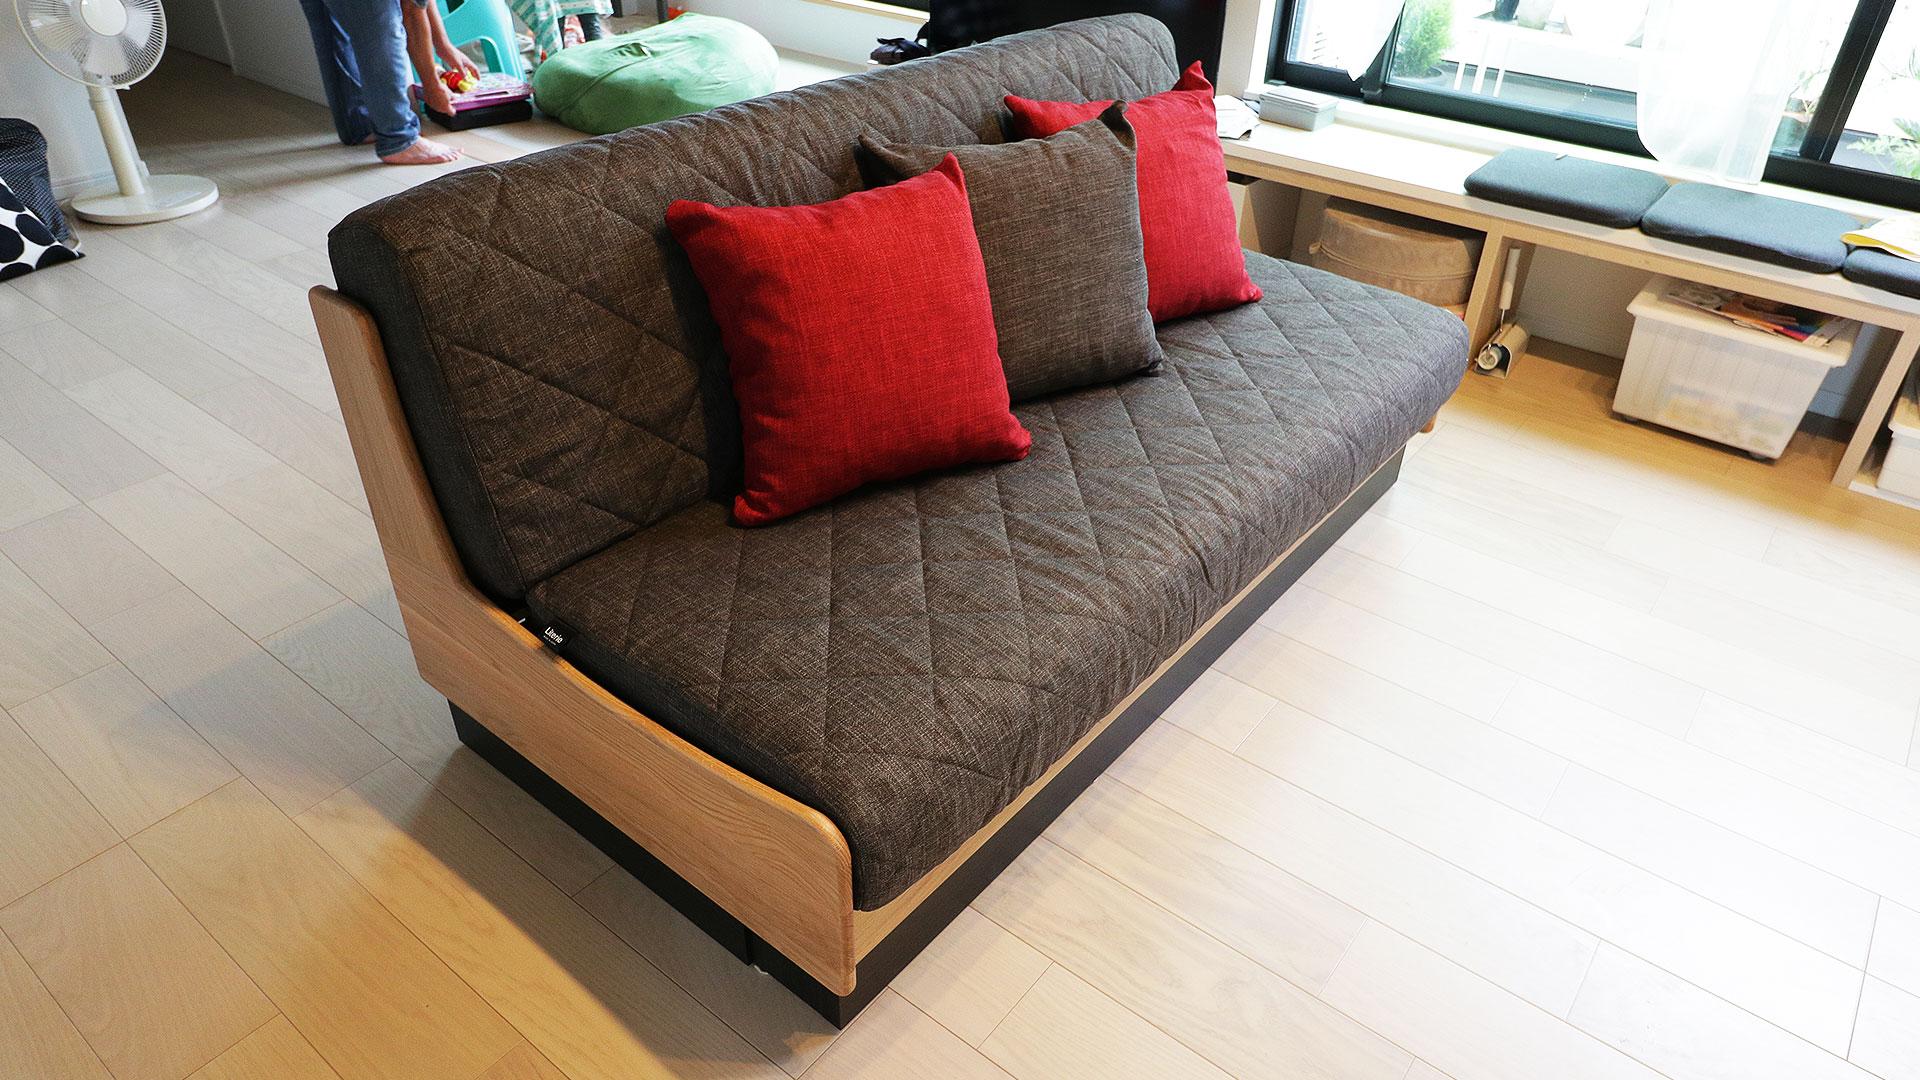 モーブルの横幅160㎝のドロシー。本体の色がNA色でクッションがダークグレーのソファ。斜め上からの写真